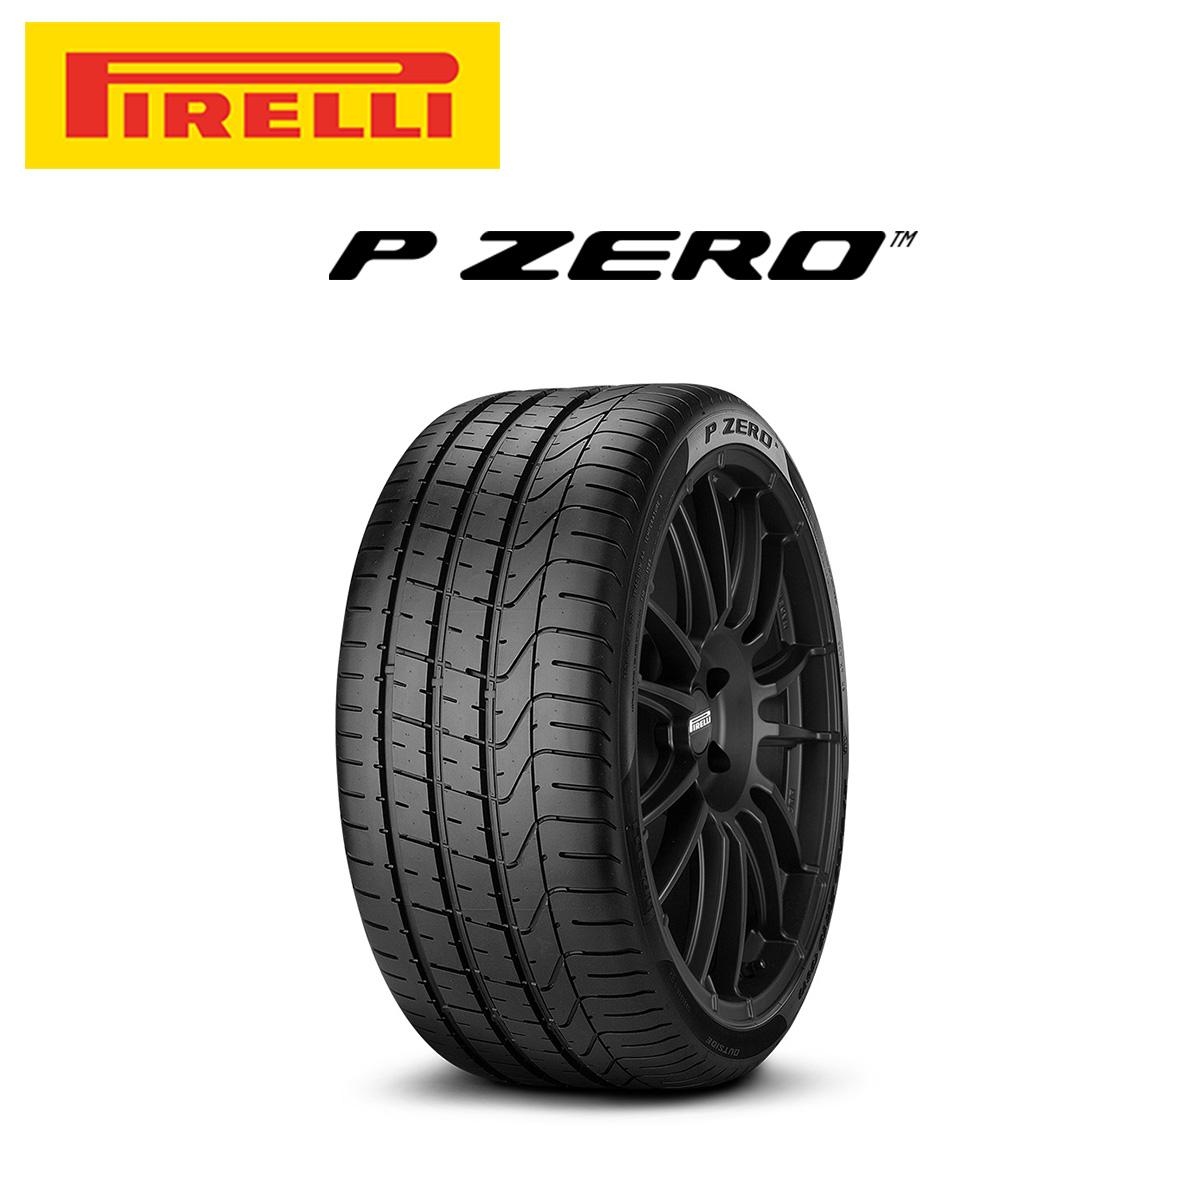 ピレリ PIRELLI P ZERO ピーゼロ 18インチ サマー タイヤ 4本 セット 255/45R18 99Y AO:アウディ承認タイヤ 1996900